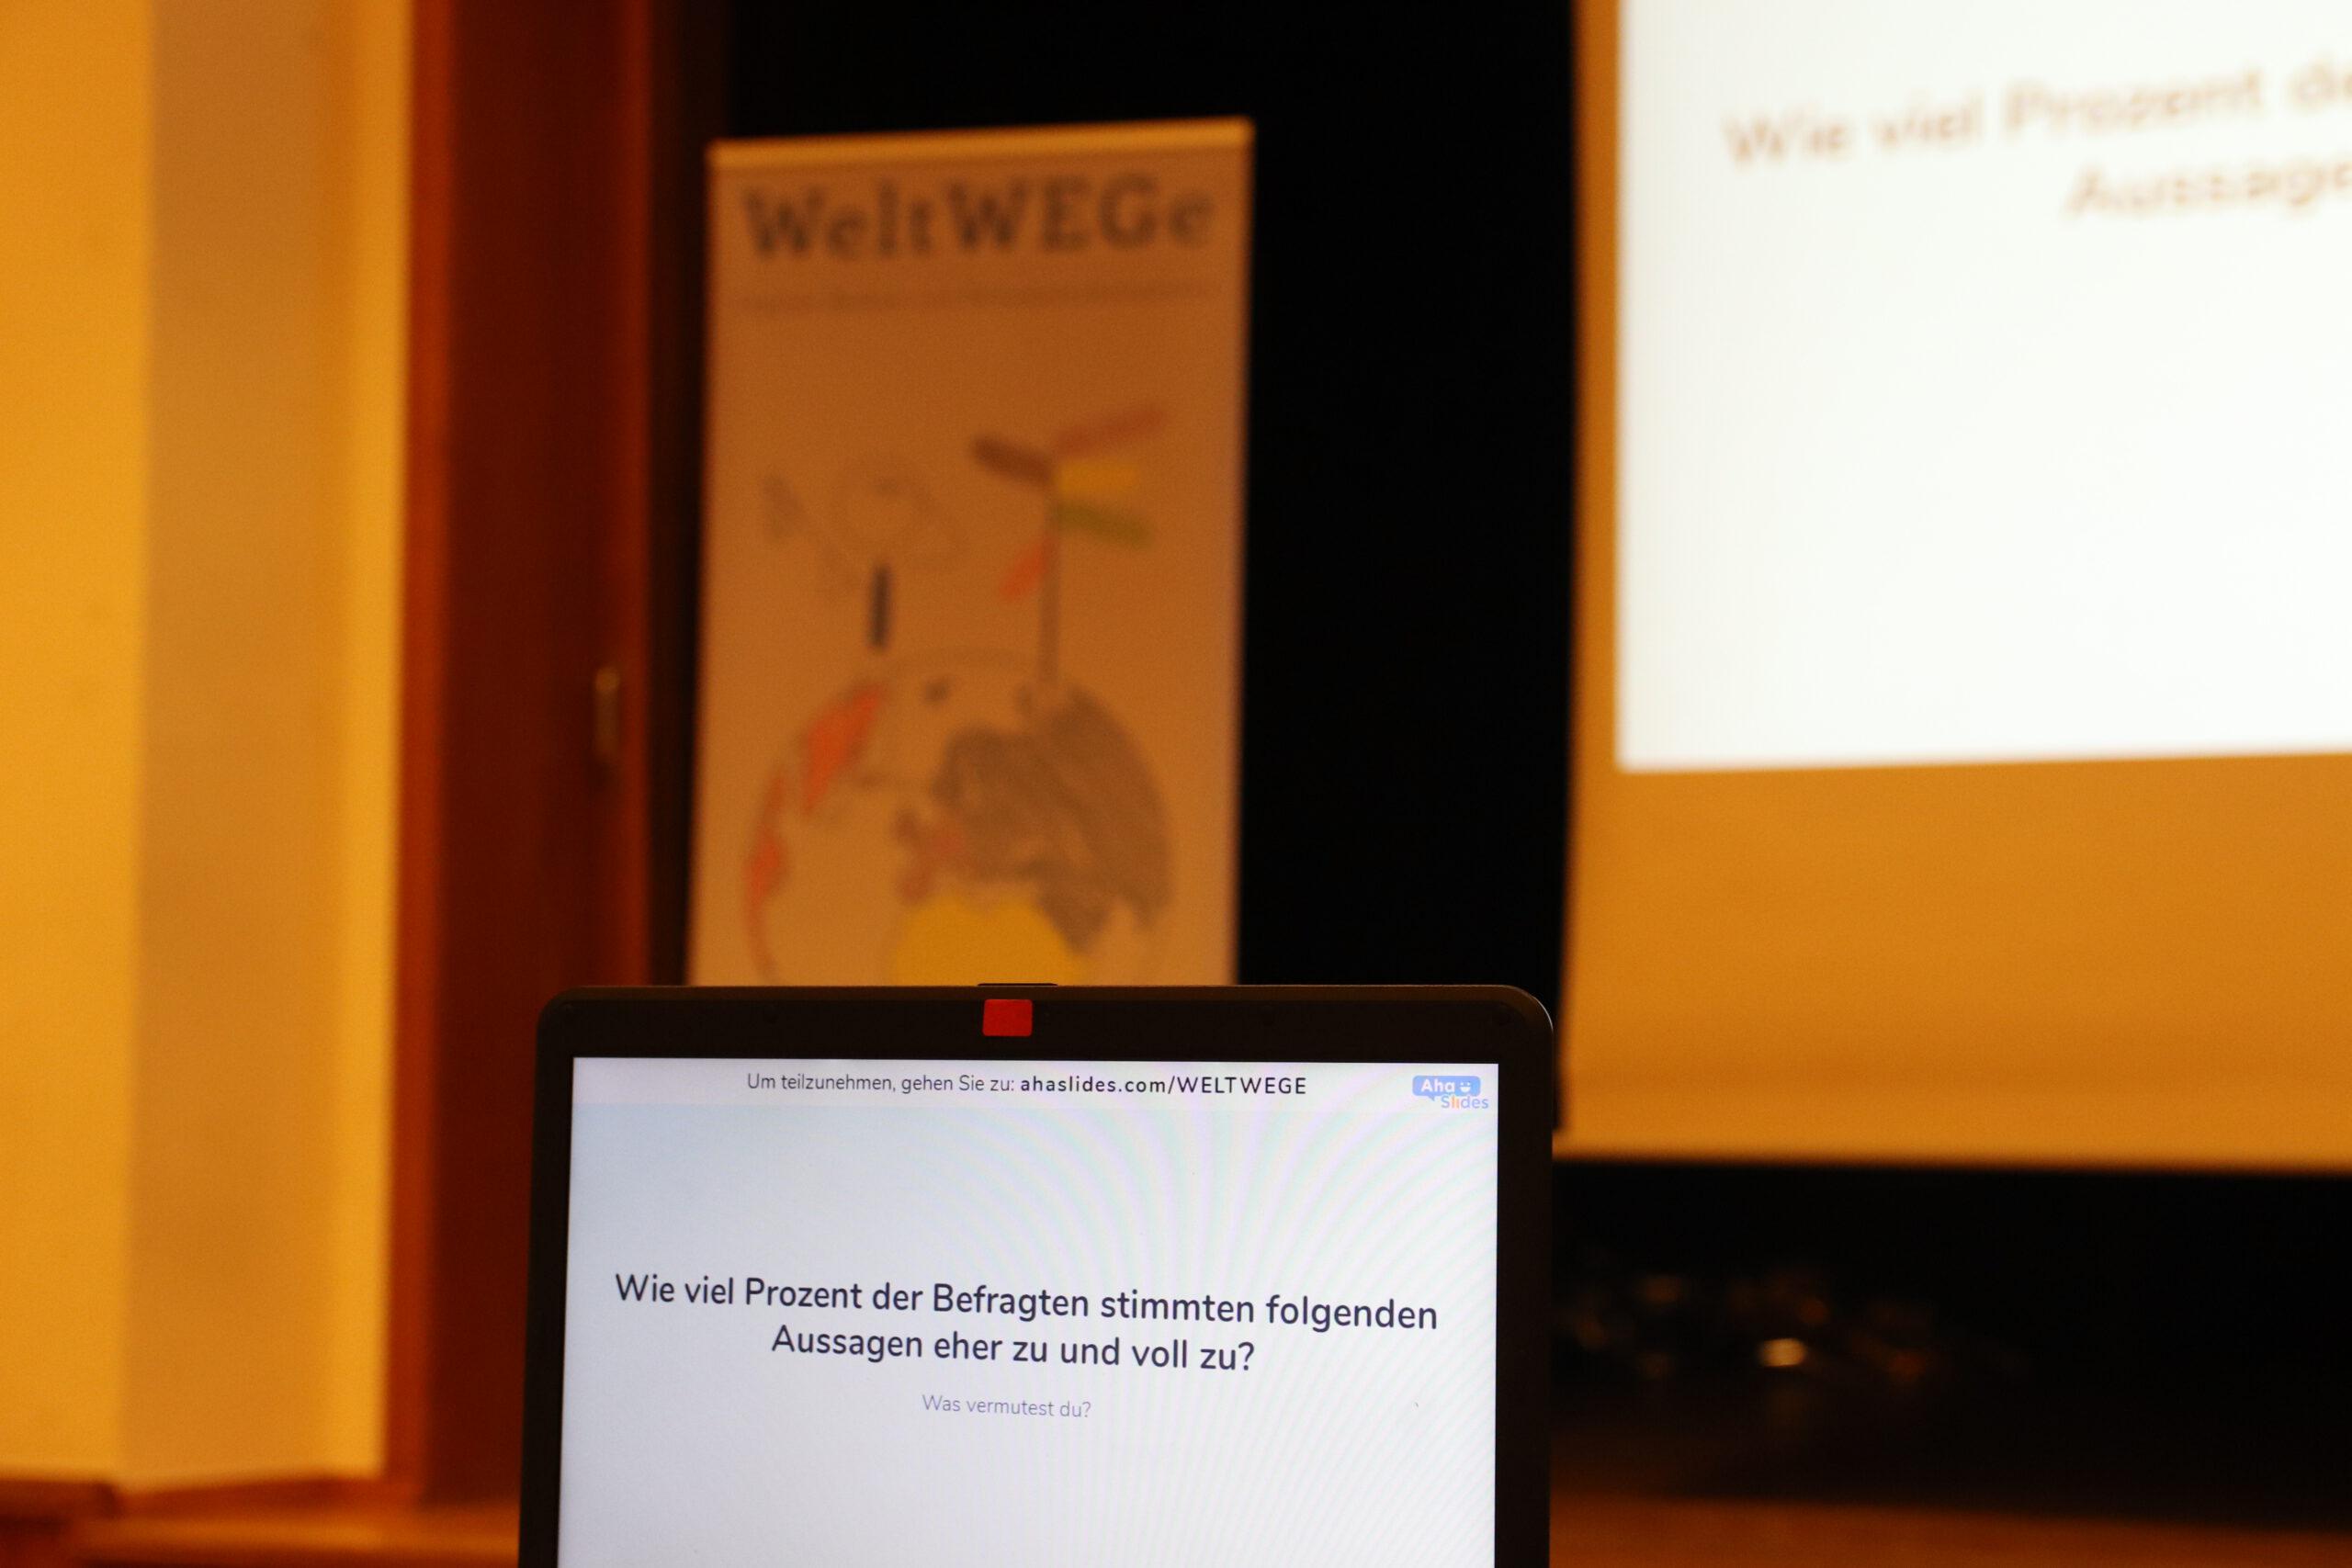 Scheersberg Seminar zum Thema Fremdenfeindlichkeit und Rechtsextremismus